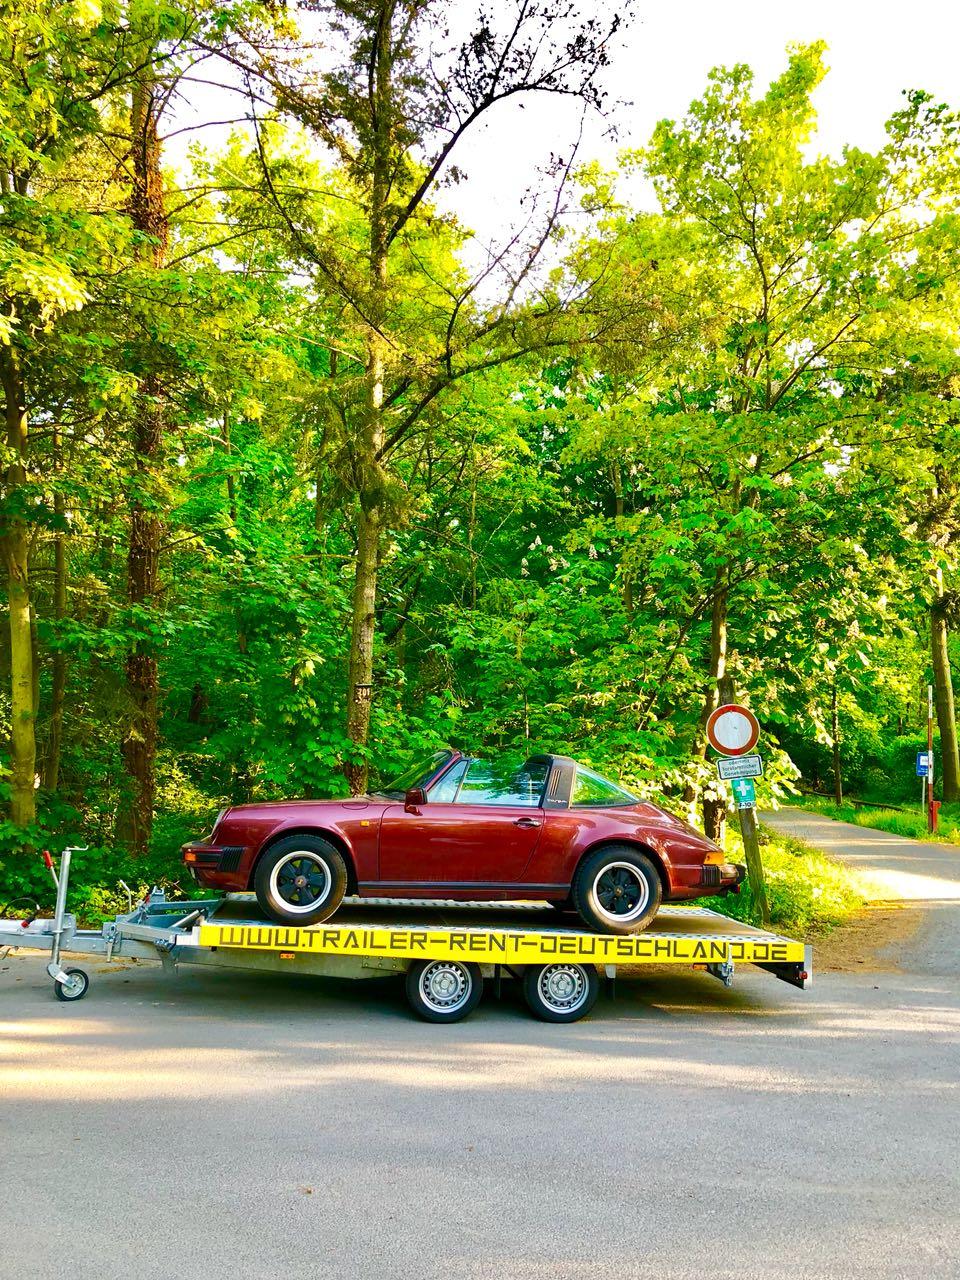 trailer rent deutschland ihr partner f r anh nger vermietung und transport von hochwertigen. Black Bedroom Furniture Sets. Home Design Ideas